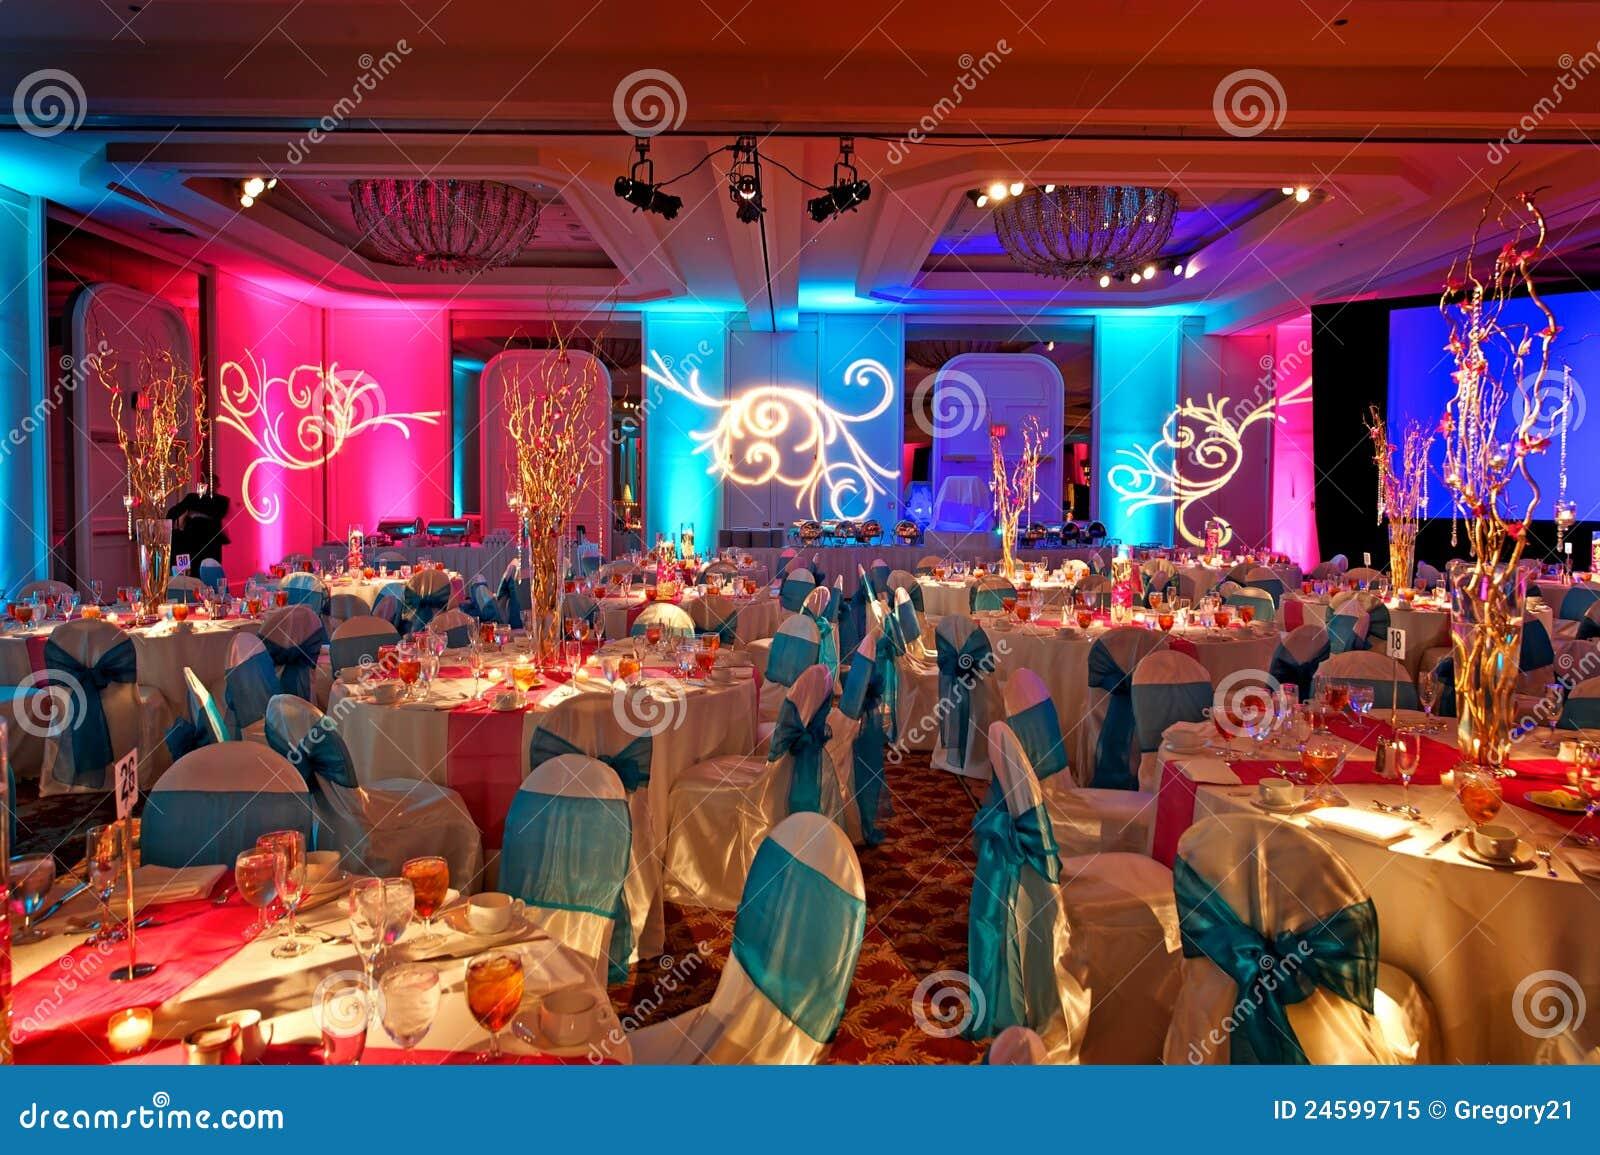 Salle de bal d cor e pour weding indien photo libre de droits image 24599715 - Decoration mariage hindou ...